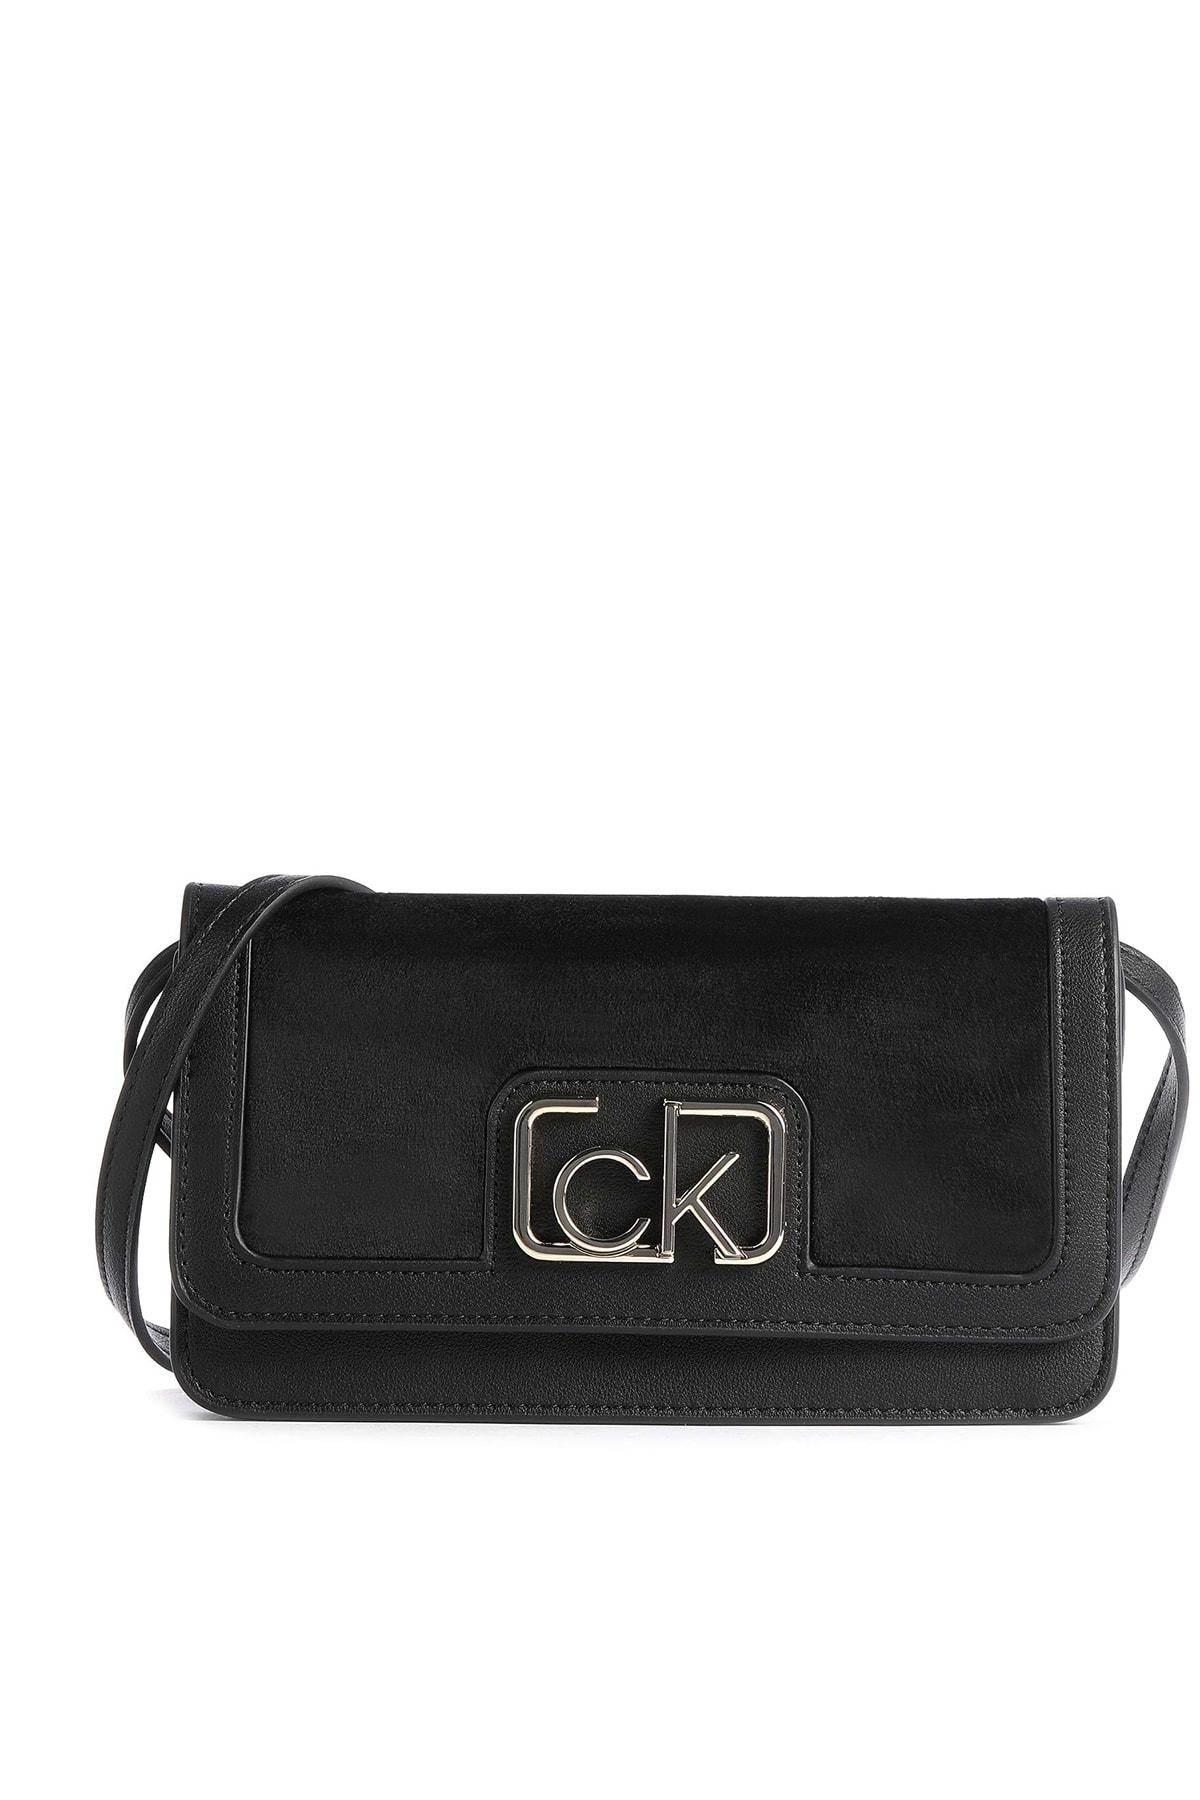 Calvin Klein Kadın Siyah Logo Baskılı Çanta K60k607118 1